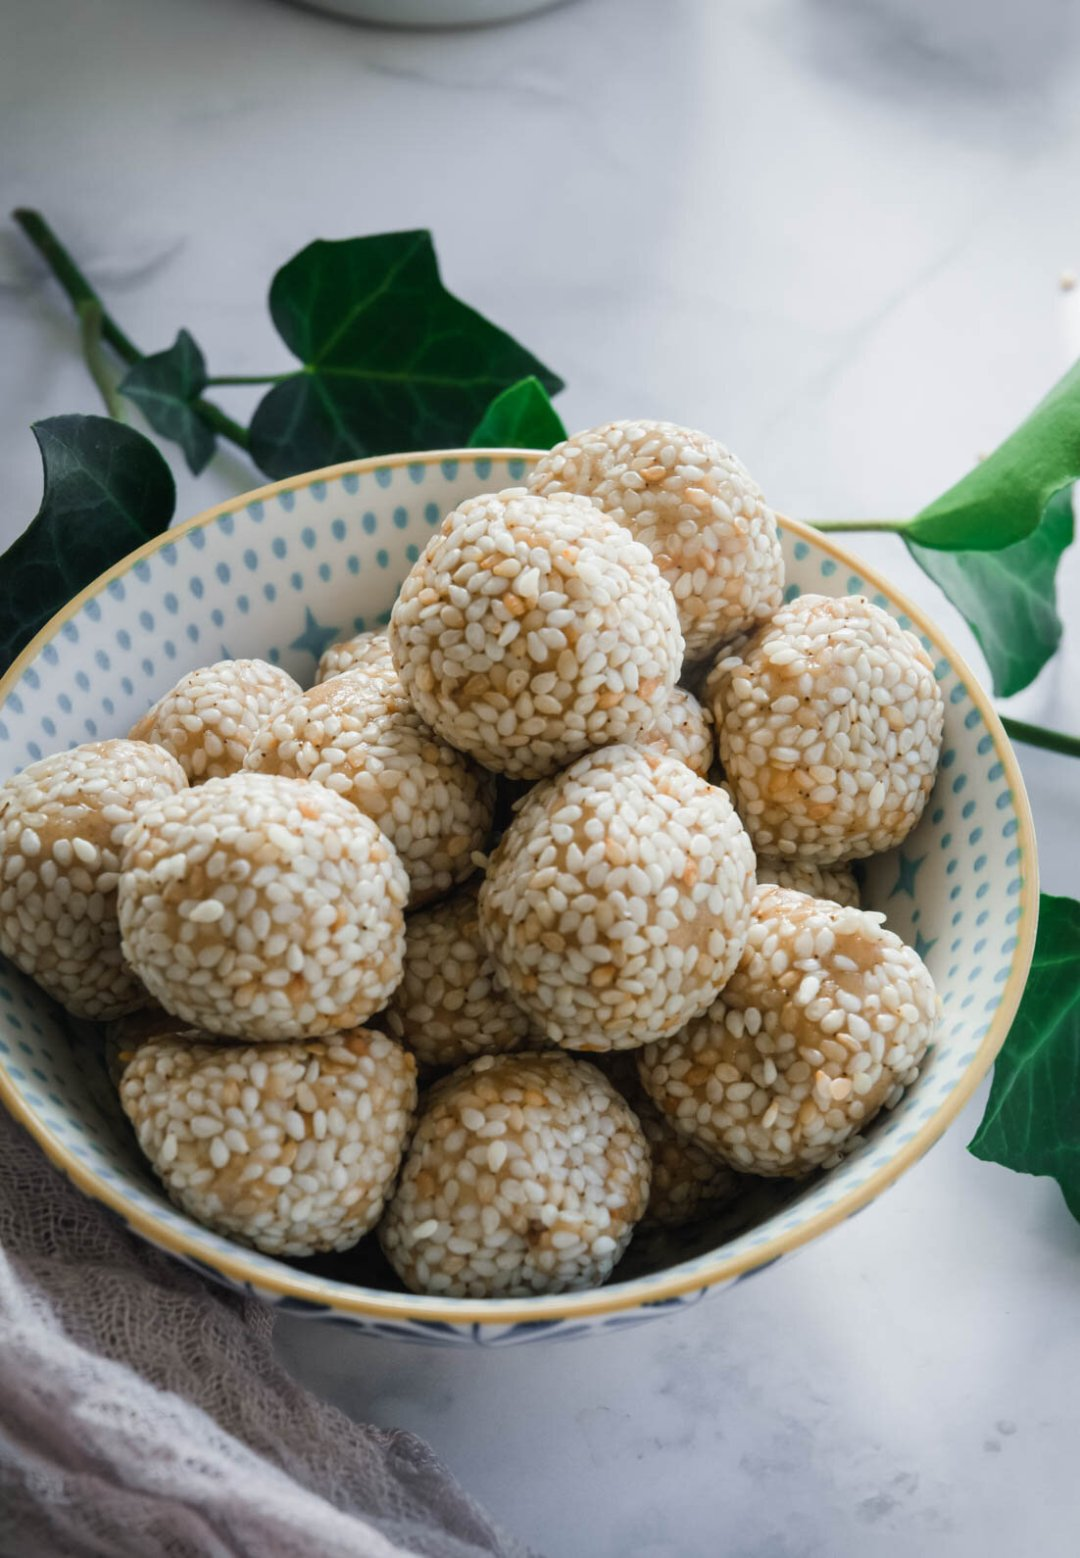 Peanut butter sesame balls in bowl